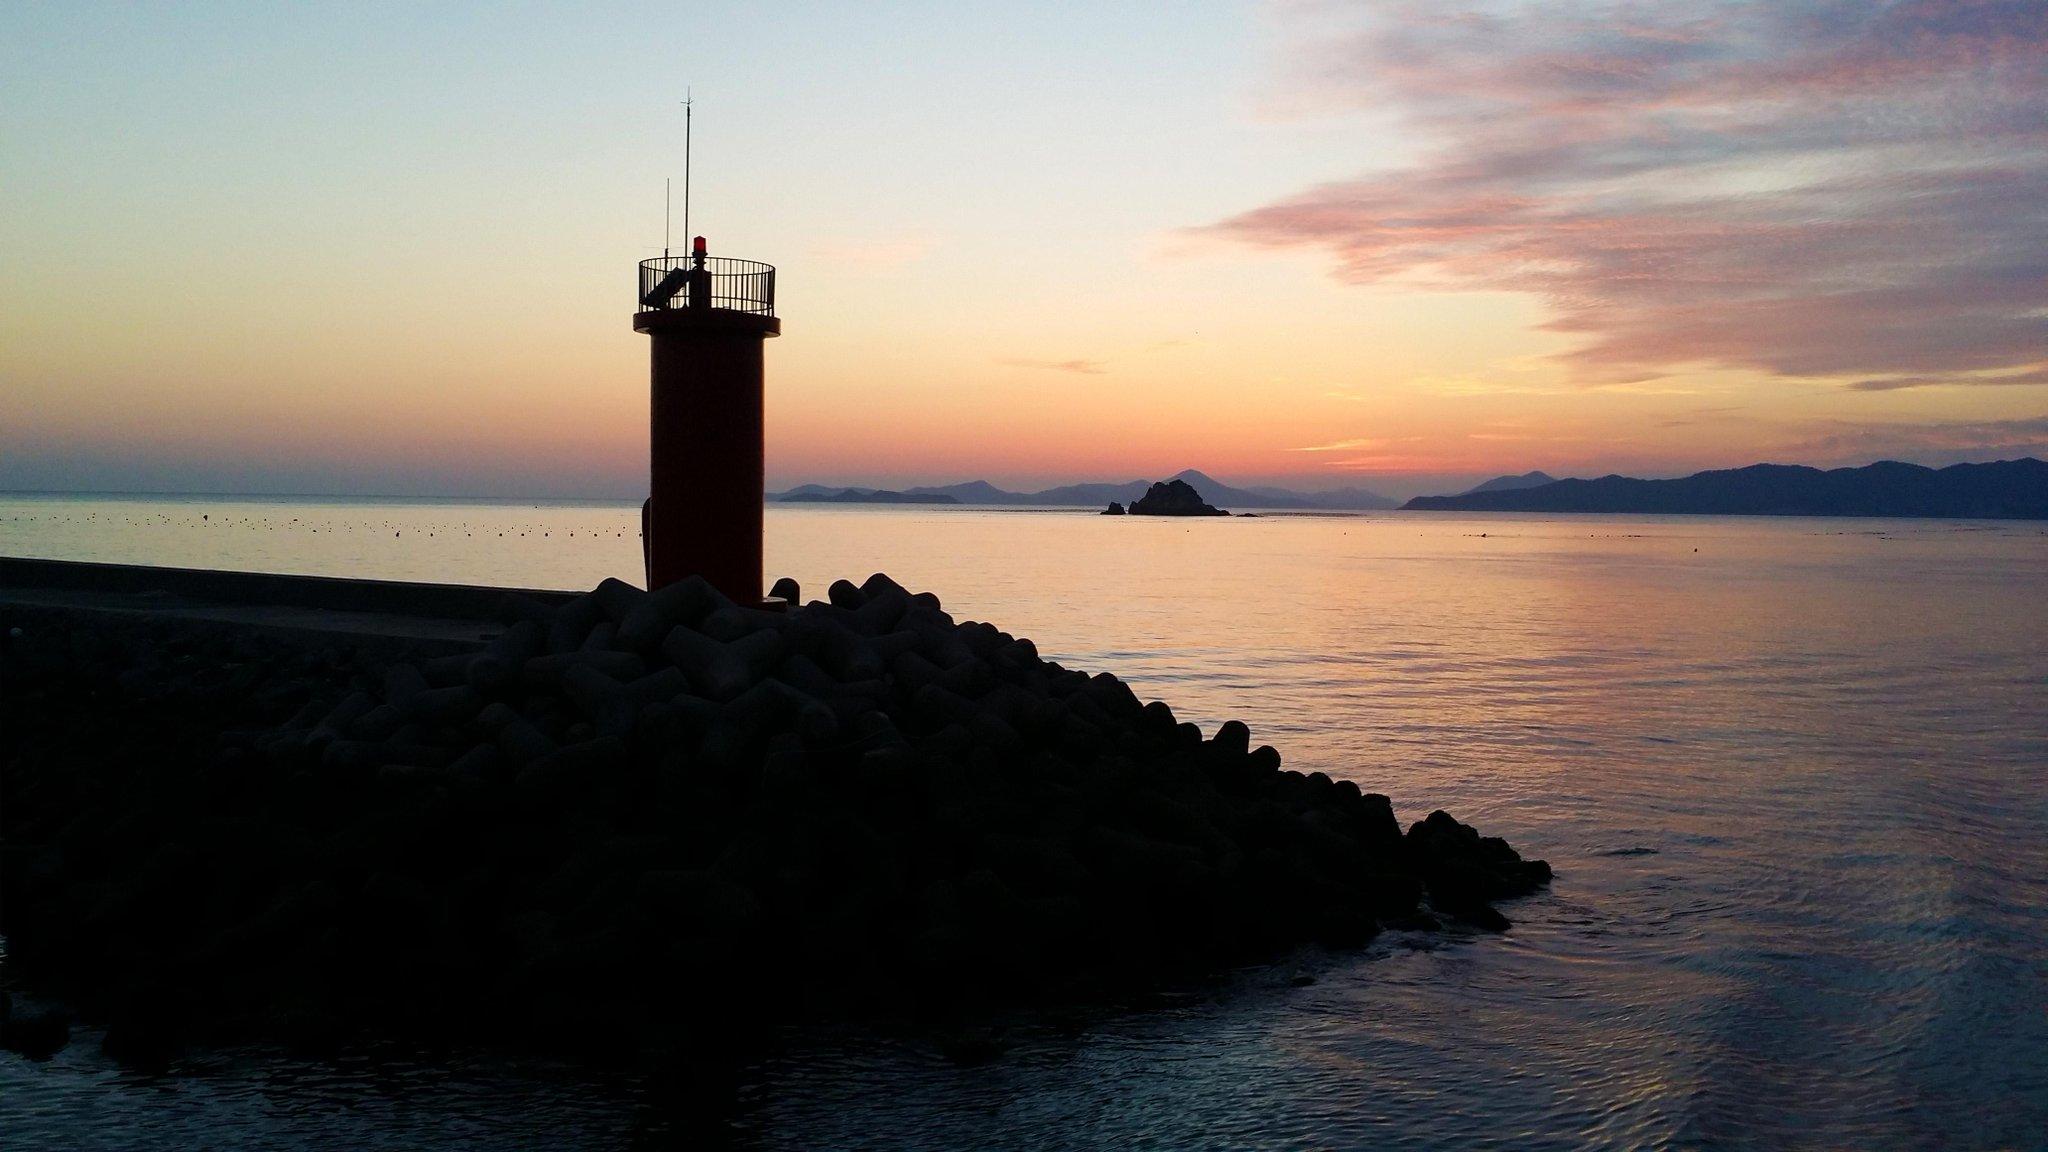 한적한 섬에 외로이 서있는 #완도 #청산도 등대. 저녁무렵 붉게 물든 하늘과 어우러져 더욱 쓸쓸해보이네요. 오늘은 청산도에 가서 등대의 친구가 되어주세요. #내일또만나요 http://t.co/yEd8NOXUWc